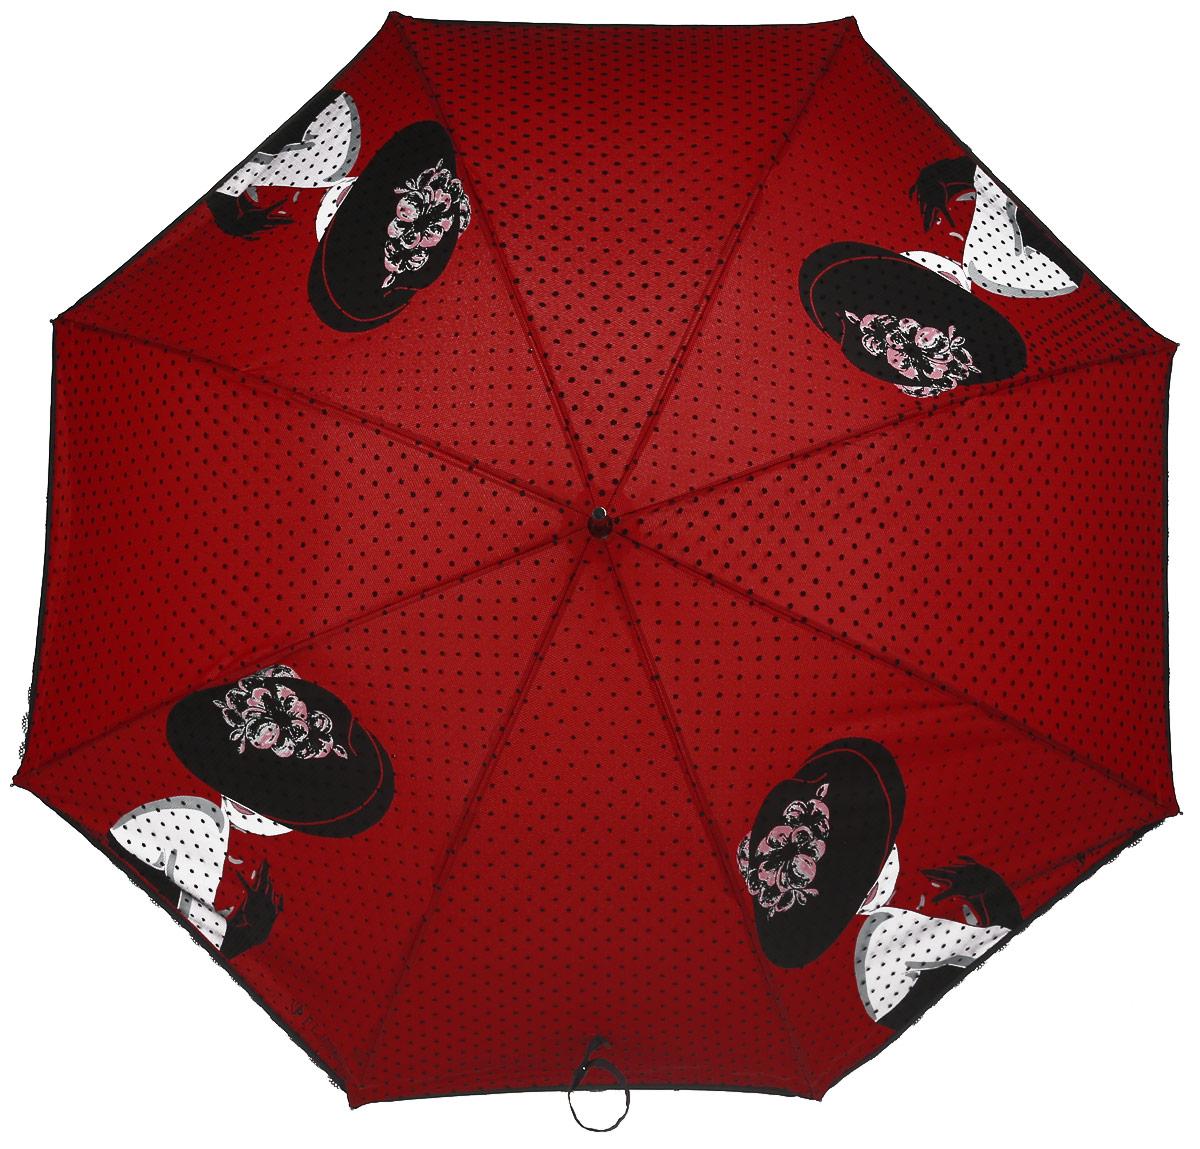 Зонт женский Flioraj, механика, трость, цвет: красный, черный. 121203 FJ45100636-1/18466/4900NЭлегантный зонт Flioraj выполнен из высококачественного полиэстера, не пропускающего воду. Уникальный каркас из анодированной стали, карбоновые спицы помогут выдержать натиск ураганного ветра. Улучшенный механизм зонта, максимально комфортная ручка держателя, увеличенный в длину стержень, тефлоновая пропитка материала купола - совершенство конструкции с изысканностью изделия на фоне конкурентоспособной цены.